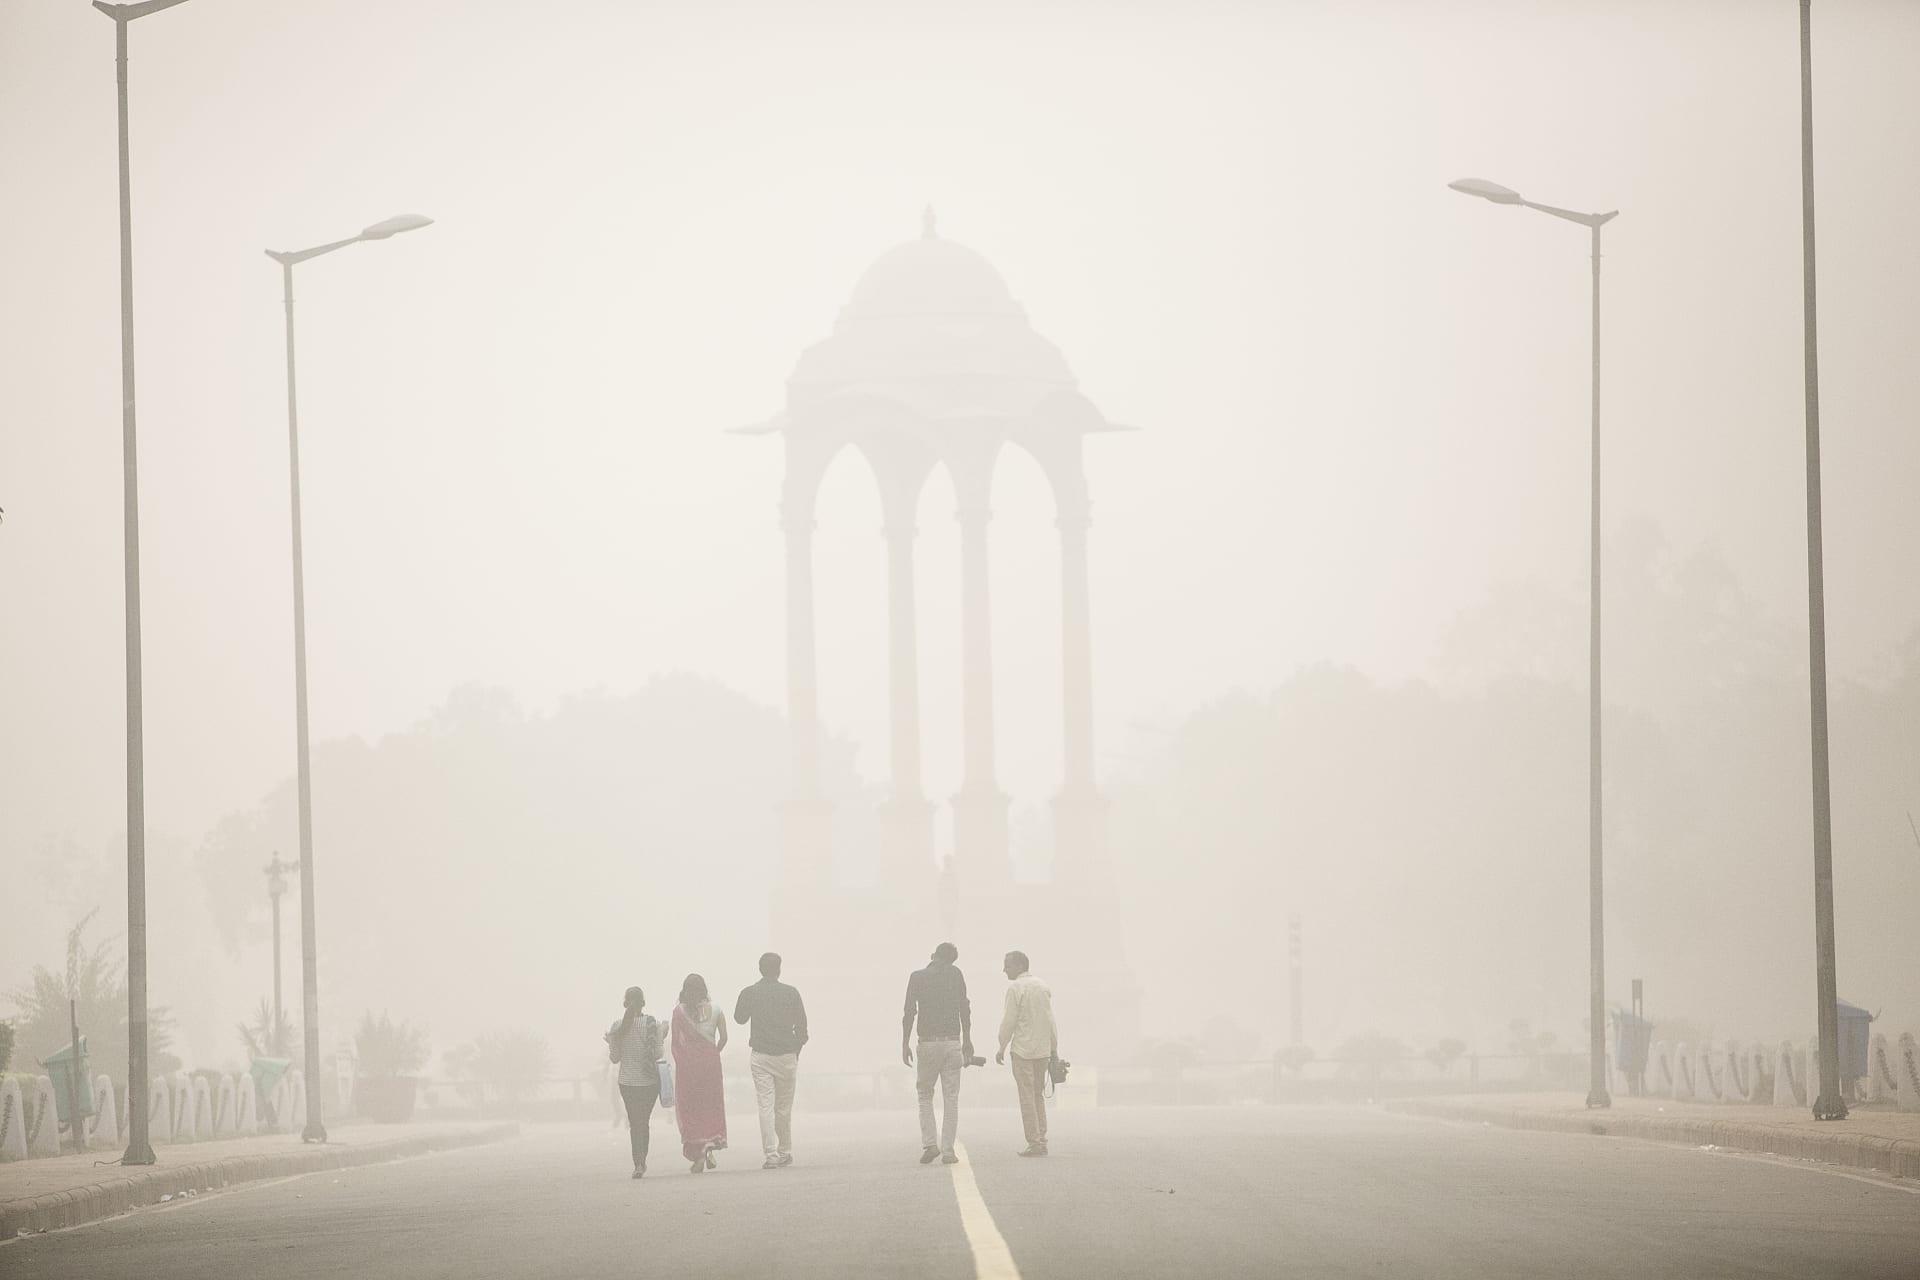 التعرض لمستويات منخفضة من تلوث الهواء قد يزيد من خطر السكتة القلبية